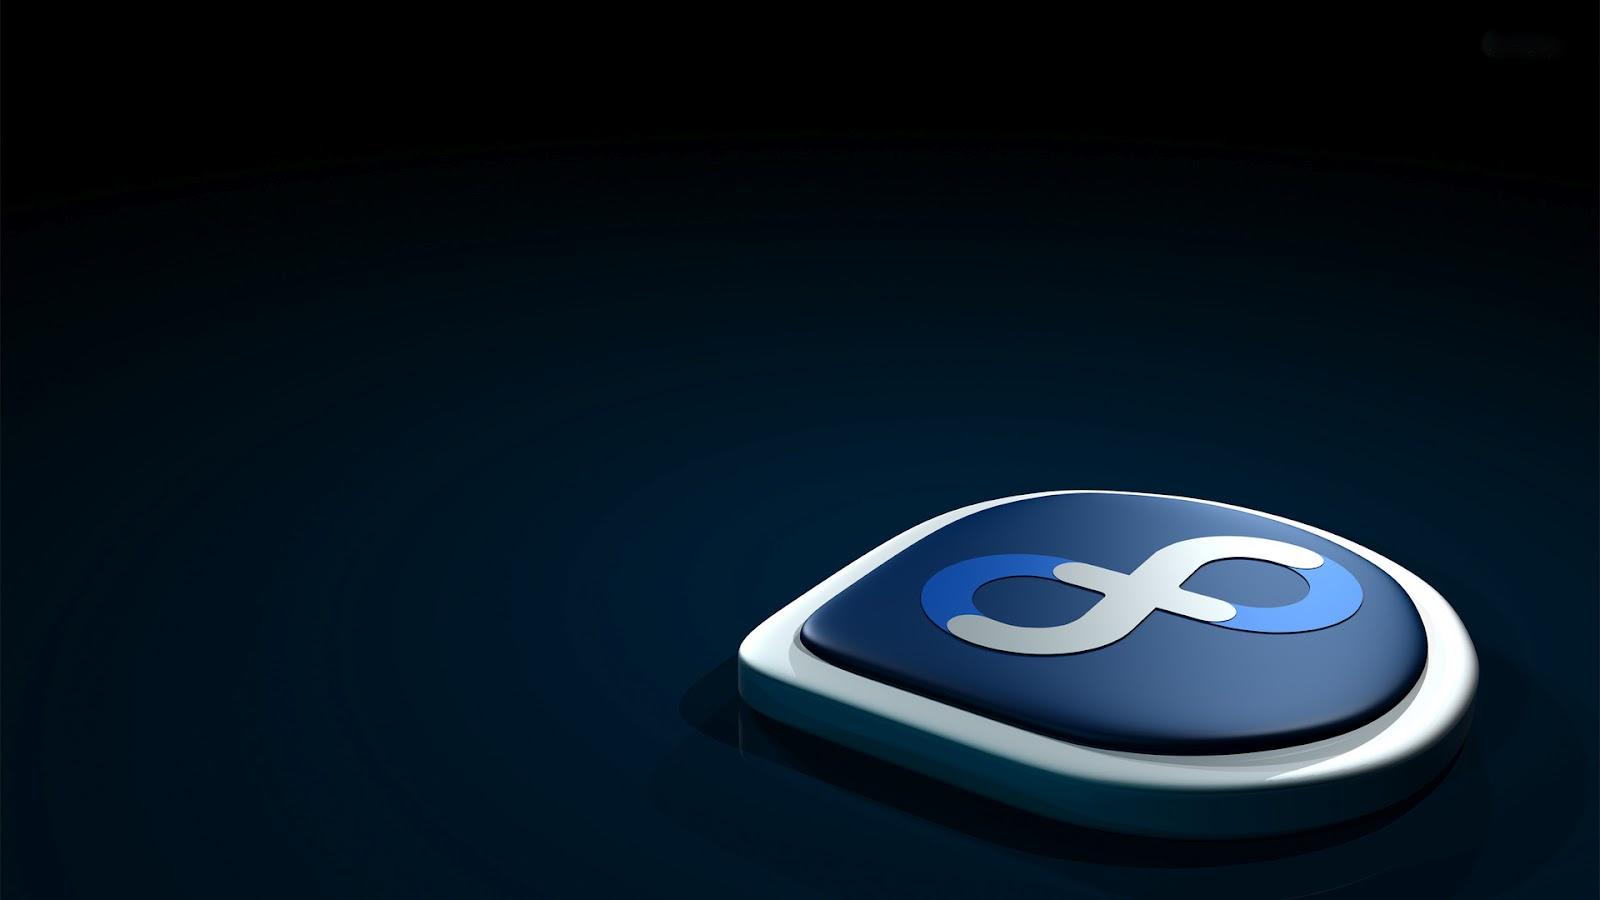 http://1.bp.blogspot.com/-imy18CLfMu0/T2hoyuj1GmI/AAAAAAAACv0/huMqaFyVA1g/s1600/Fedora+Wallpaper+3.jpg